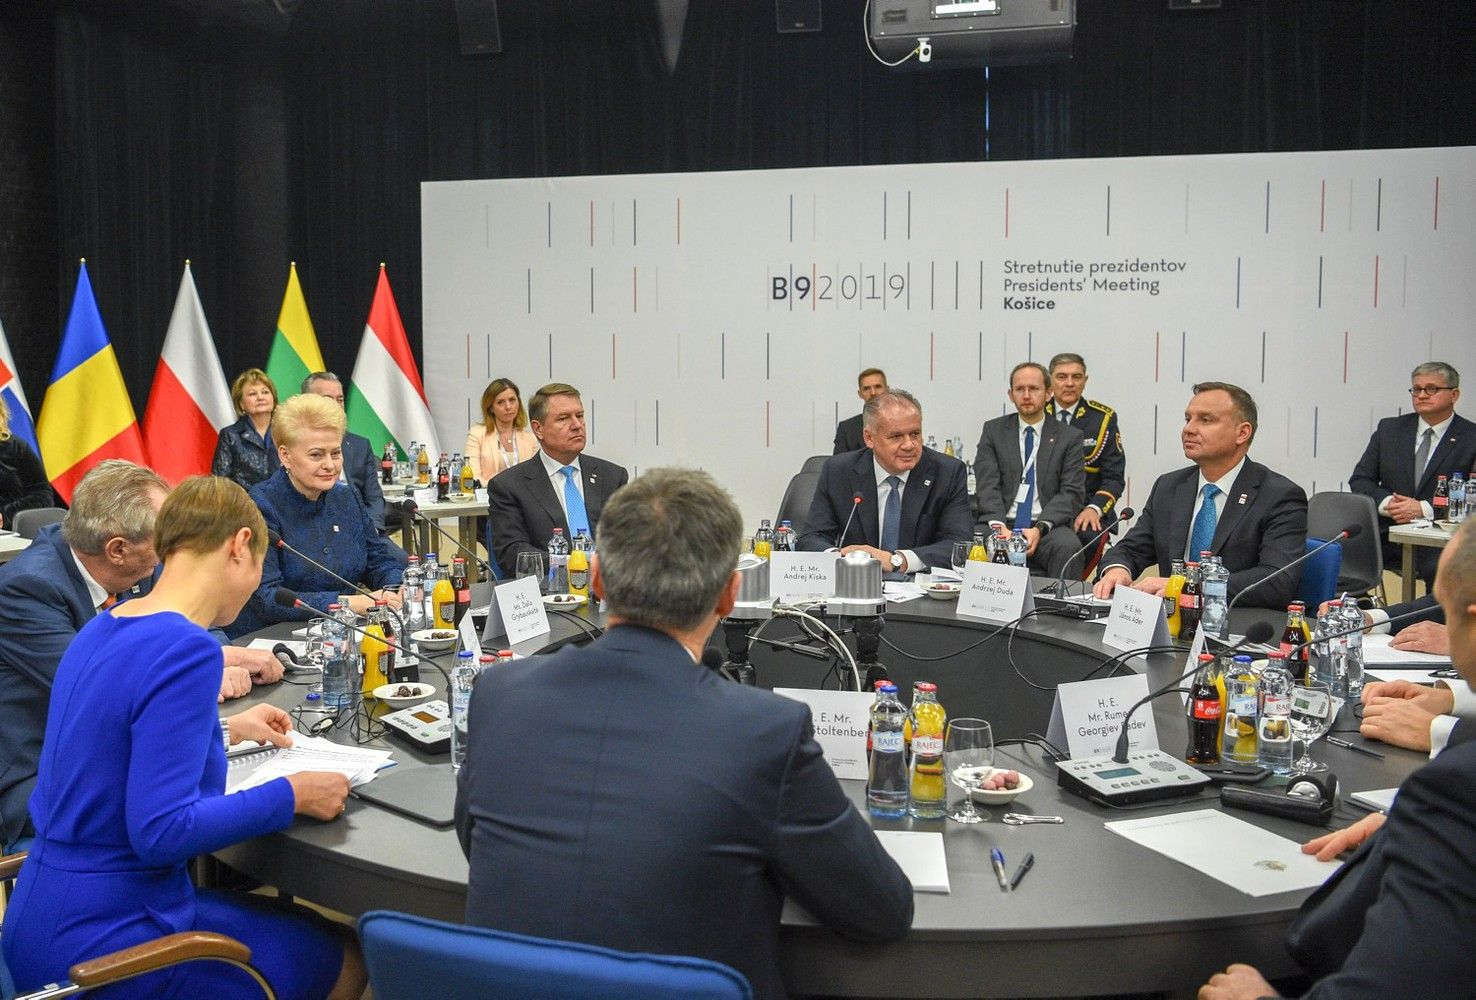 NATO rytinis flangas nori didesnio amerikiečių vaidmens regione